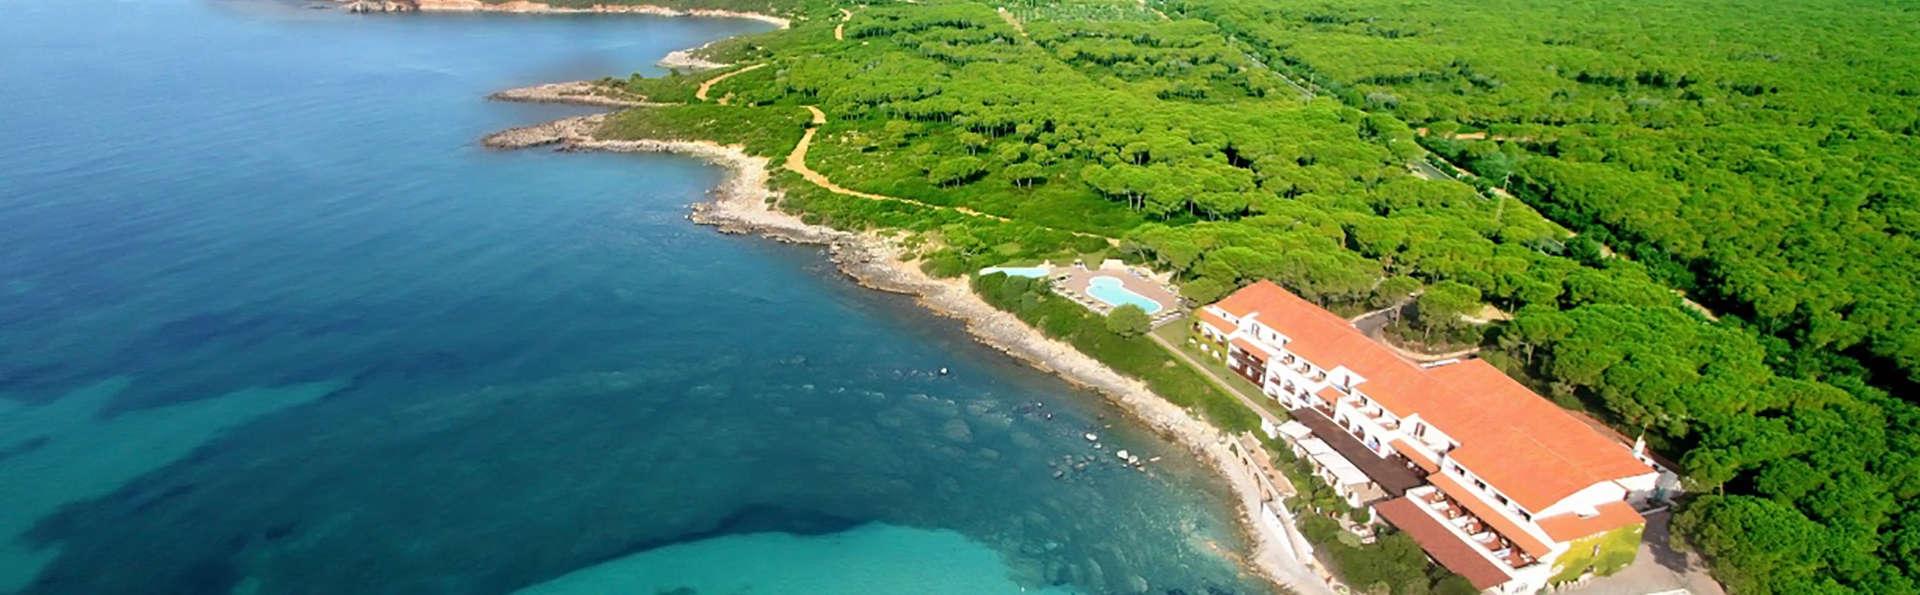 Hotel Punta Negra - EDIT_Hotel-Punta-Negra-Foto-2---Copia.jpg